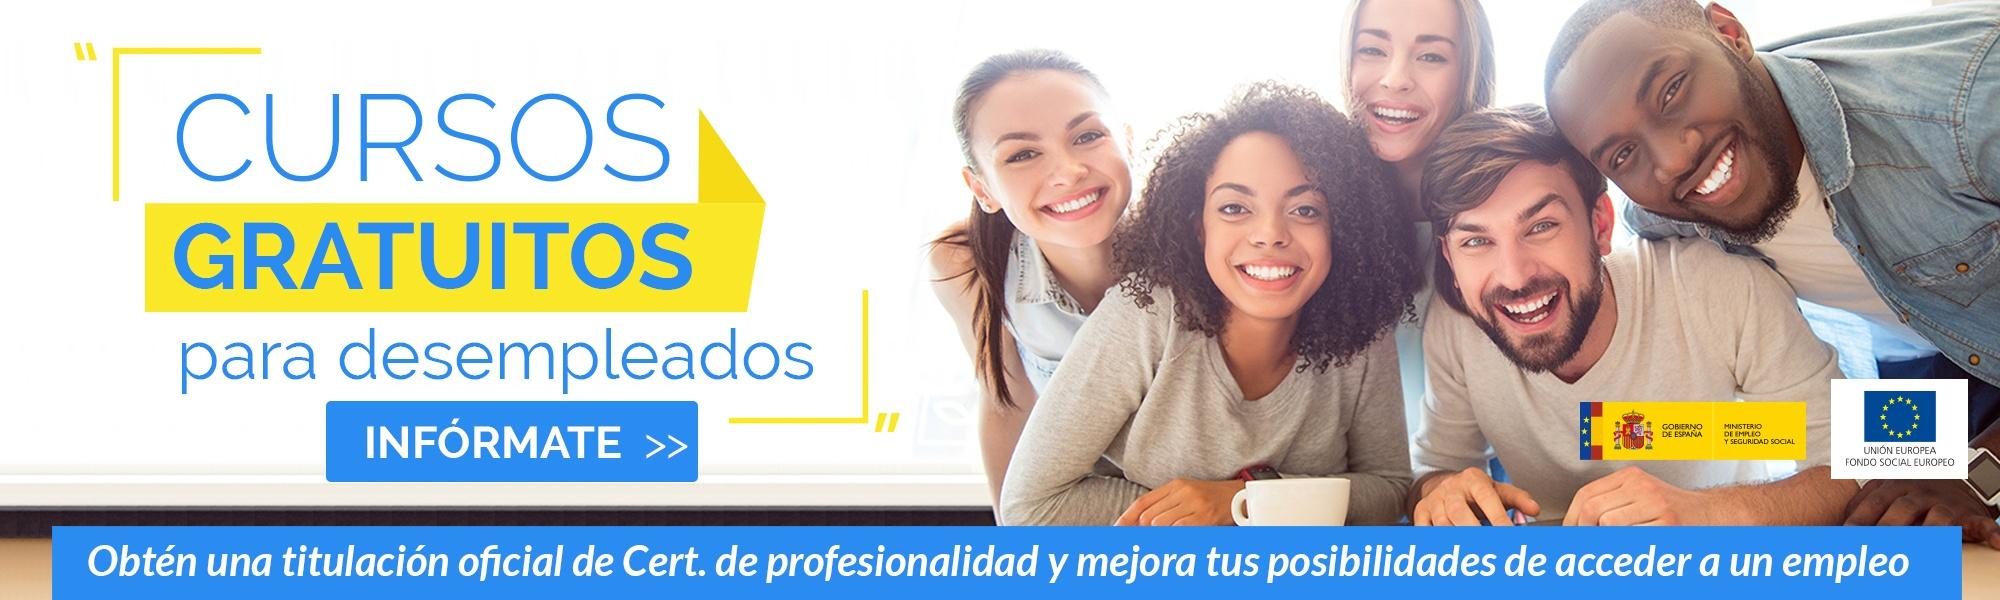 Convocatoria de cursos gratuitos para desempleados de Grupo2000